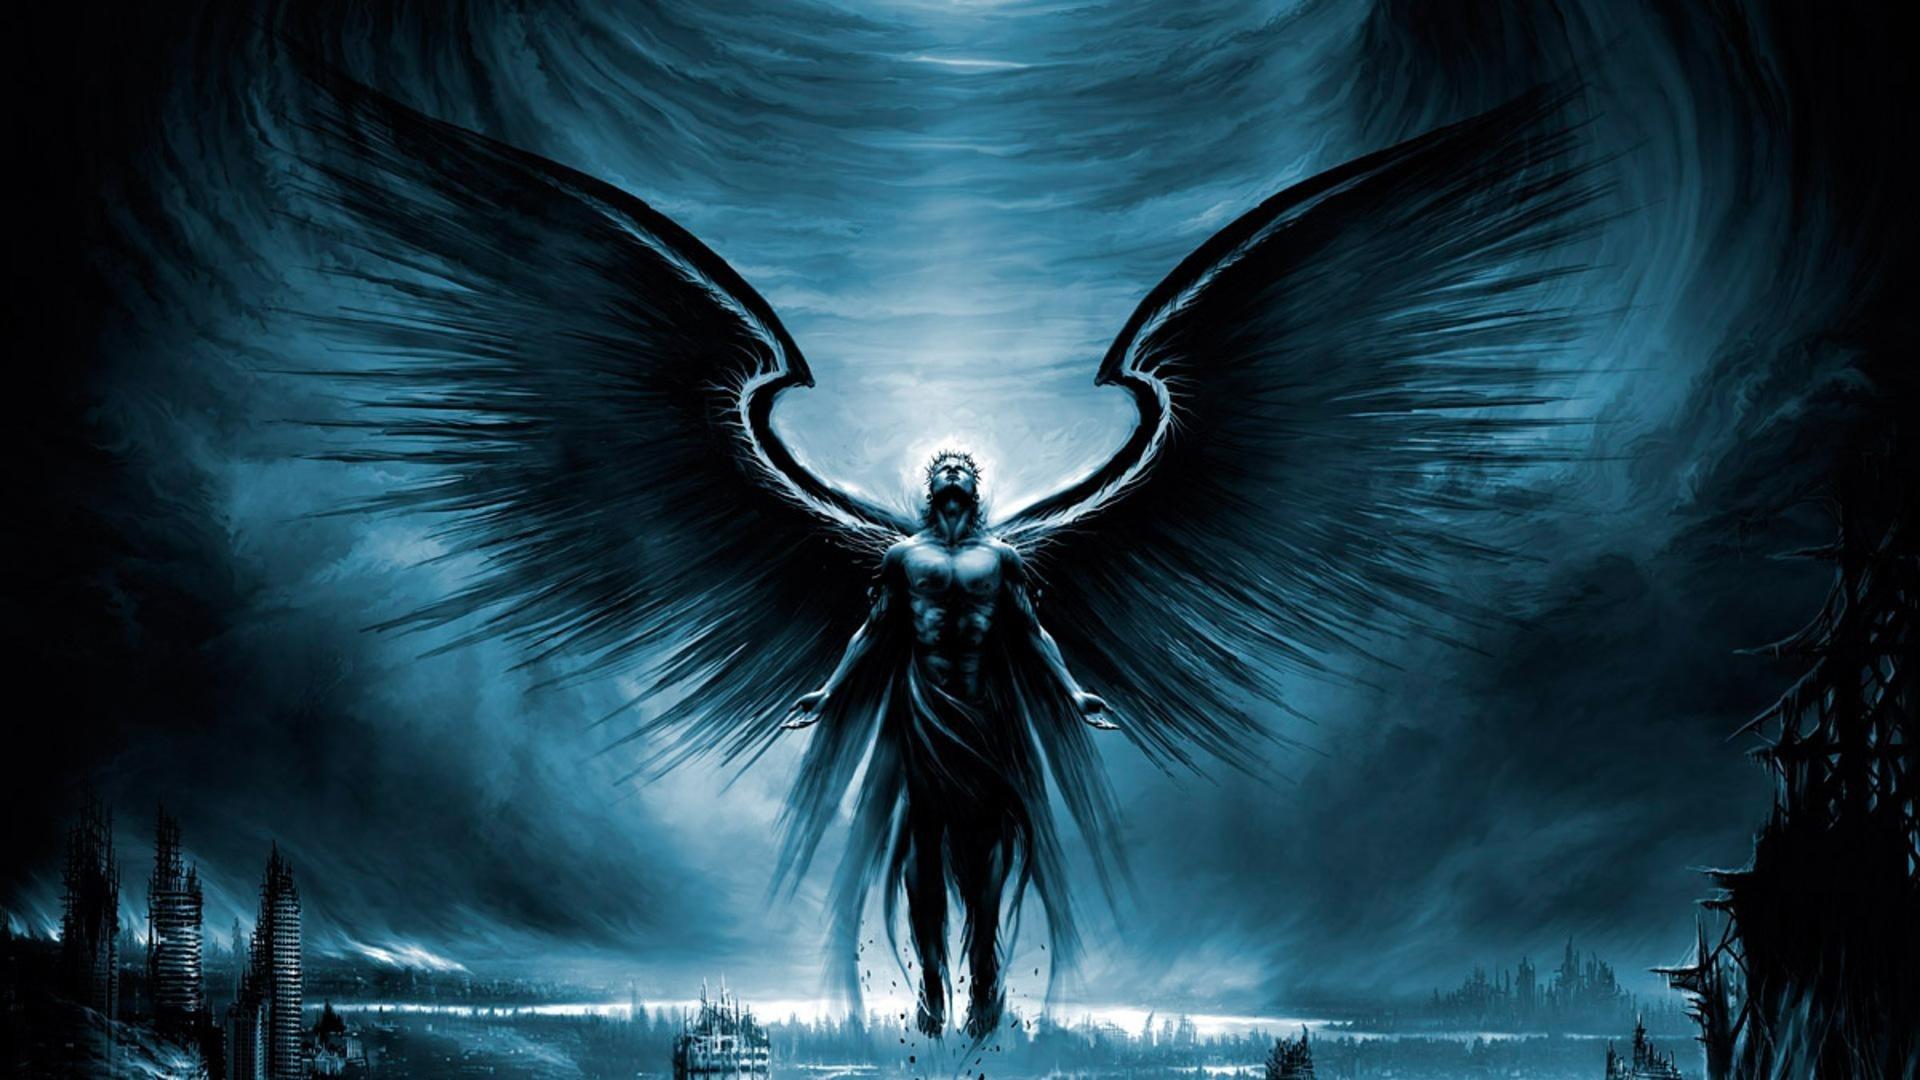 wallpaper pictures desktop wallpapers angel dark 1920x1080 1920x1080